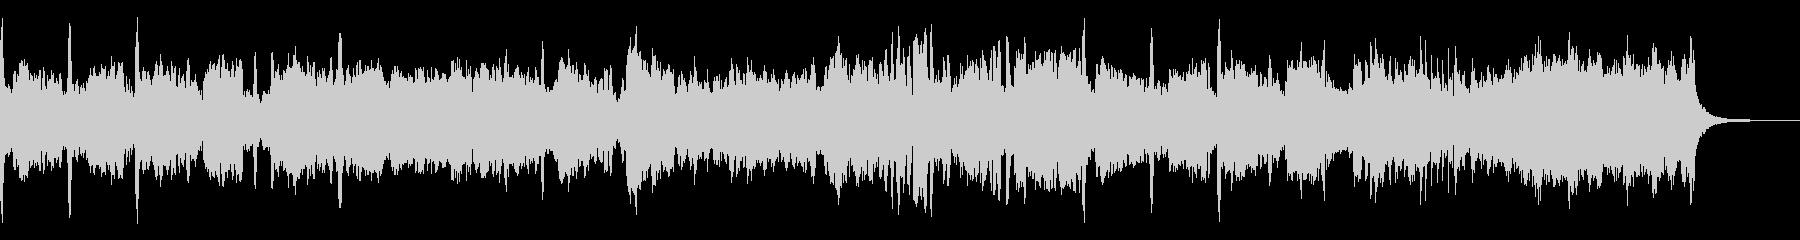 強いイメージのクラシックブラスサウンドの未再生の波形